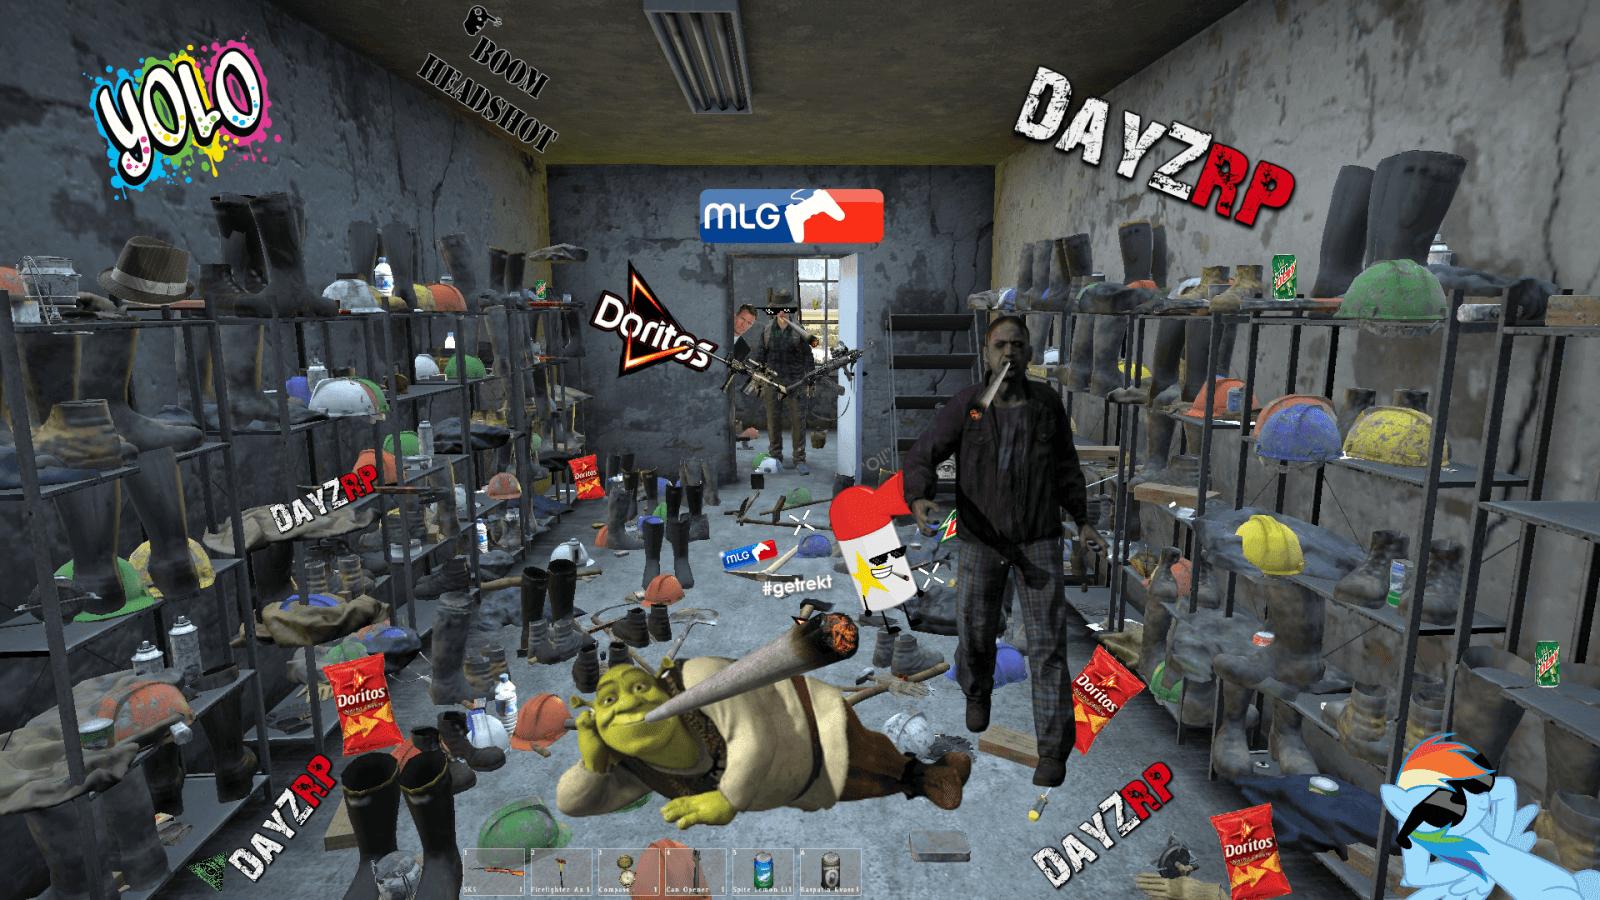 DayZRP Meme